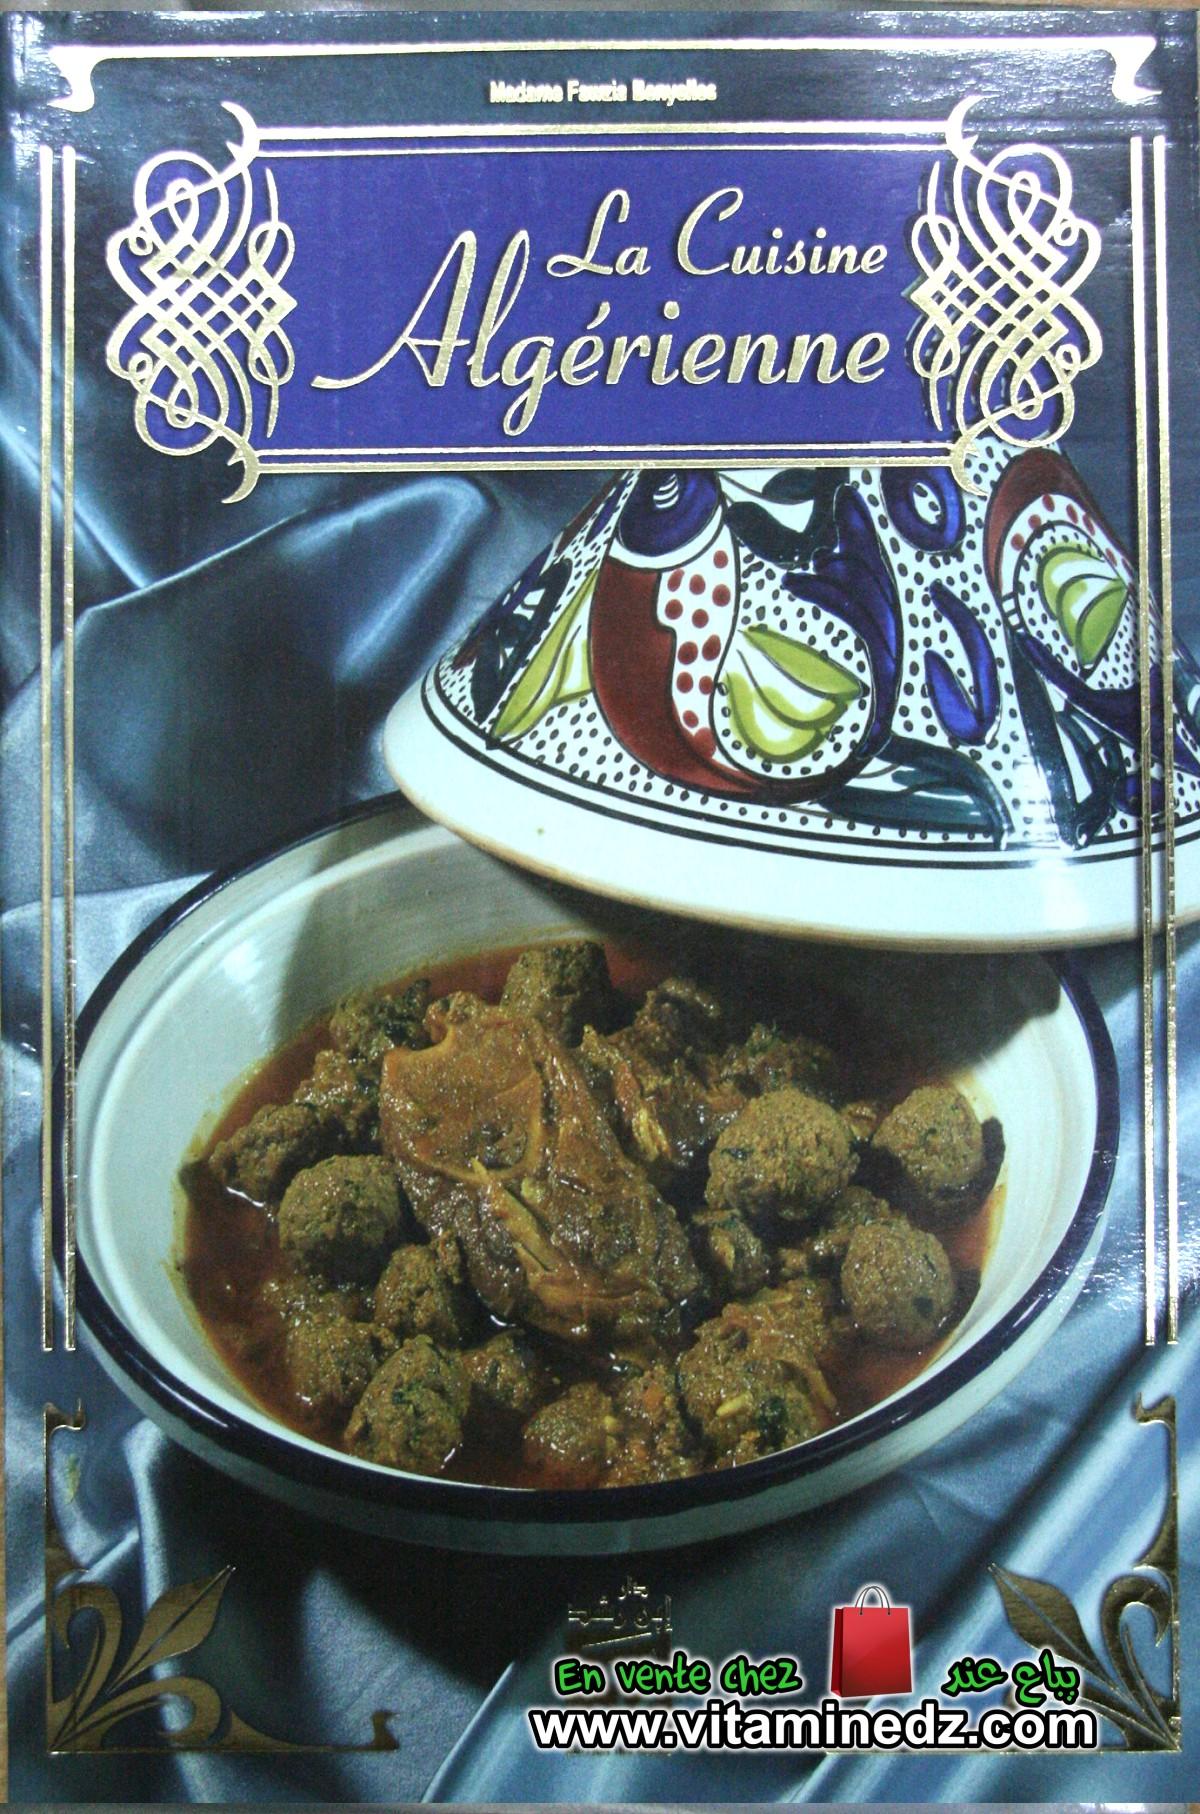 La cuisine algérienne de mme fouzia benyelles livres : cuisine